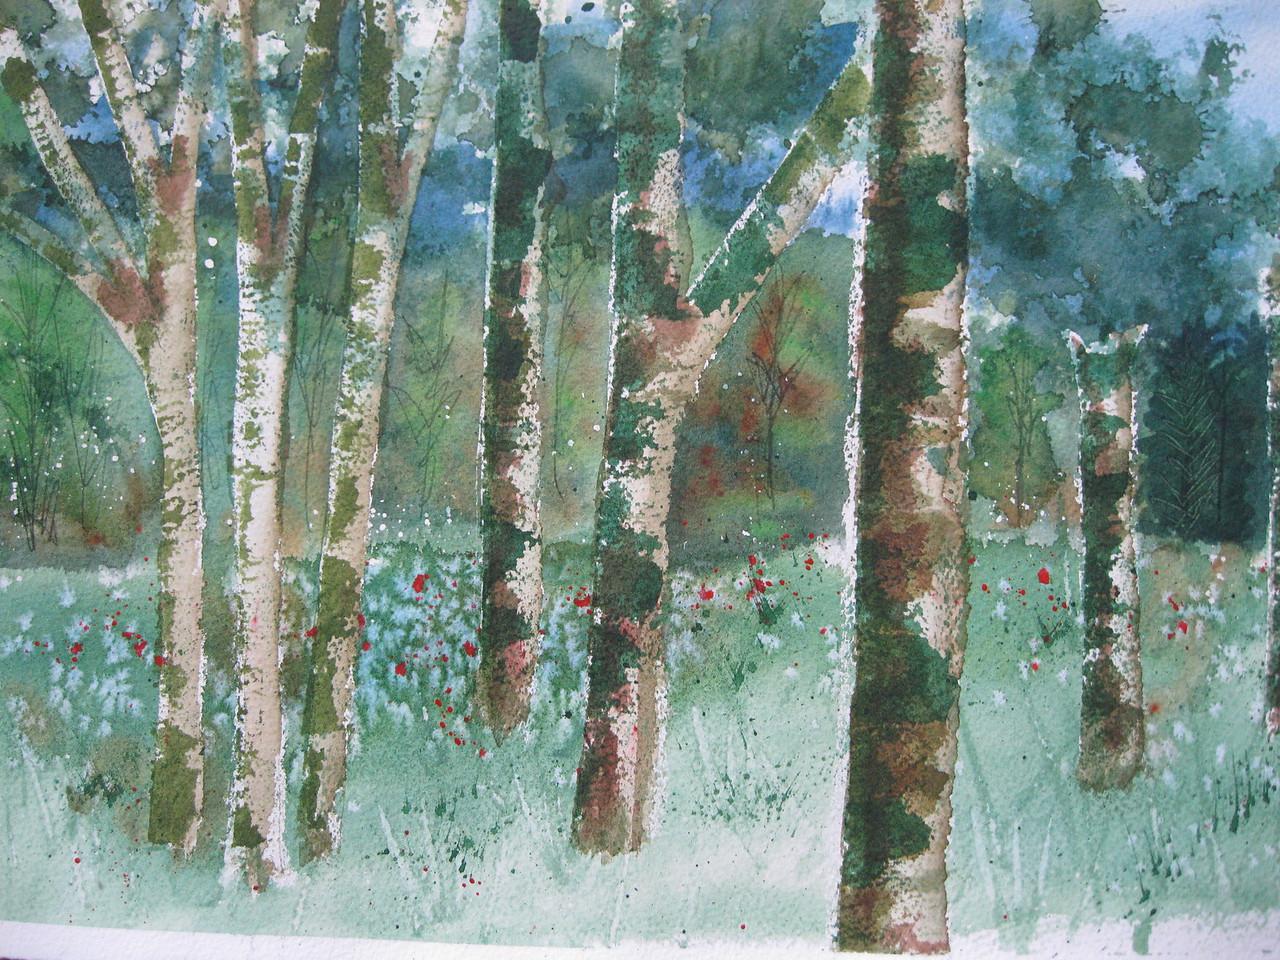 #6 Birch Tree Forest